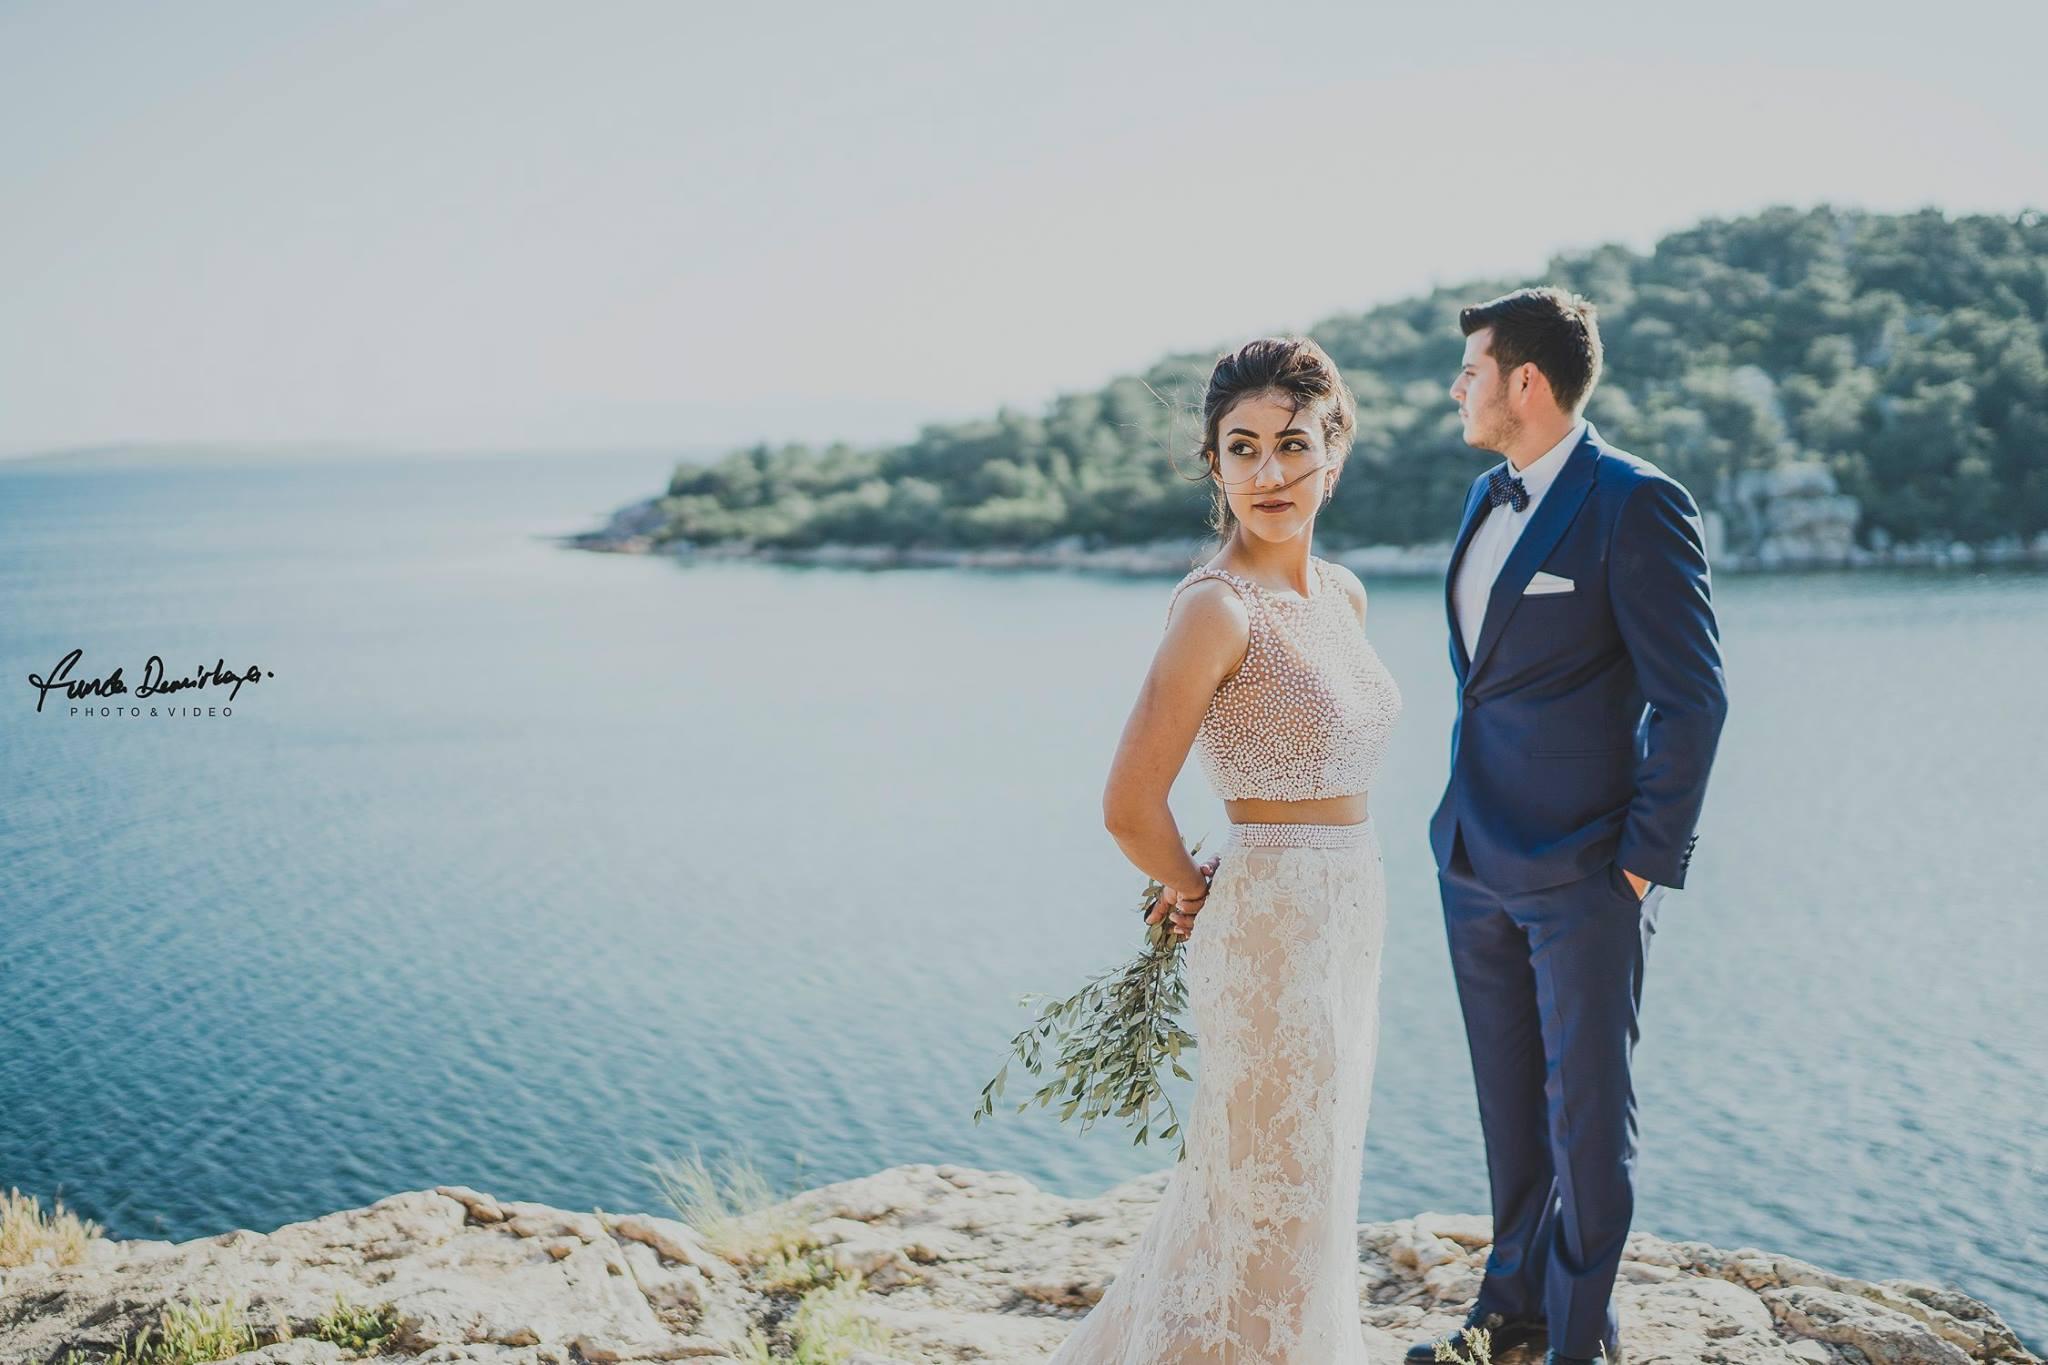 Balıkesir Edremit Ayvalık Cunda Düğün Fotoğrafçısı Funda Demirkaya (4)